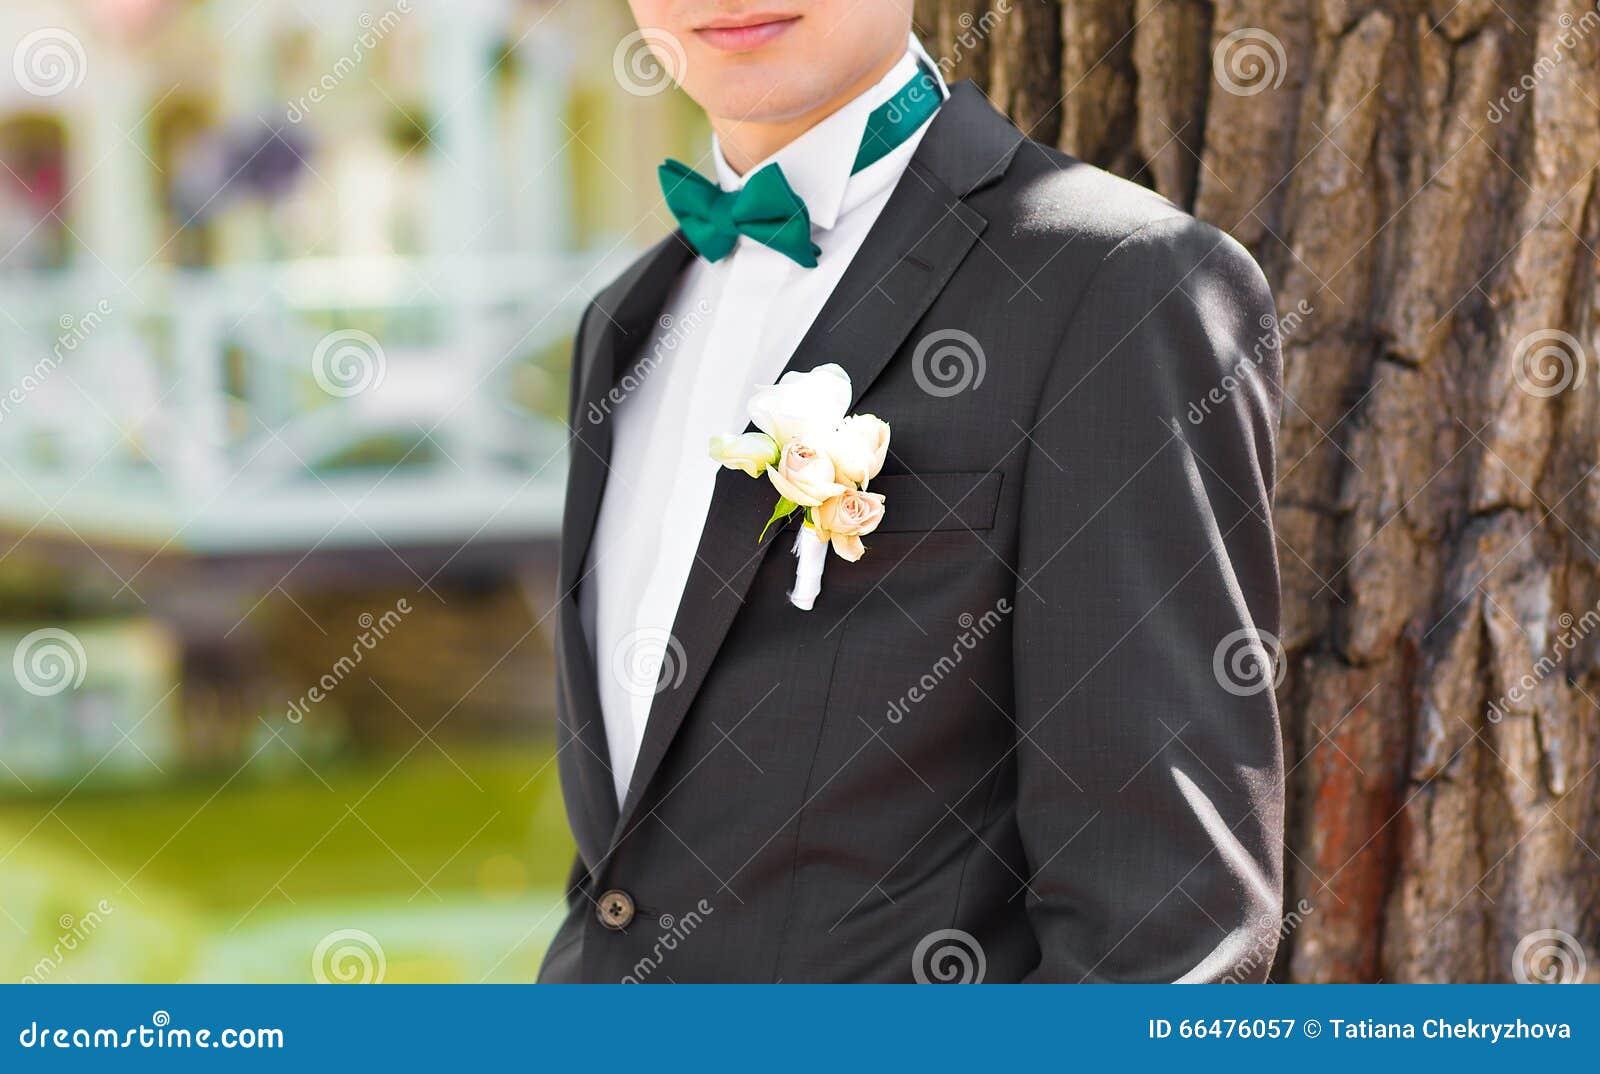 Anzug des Bräutigams mit Fliege und Boutonniere